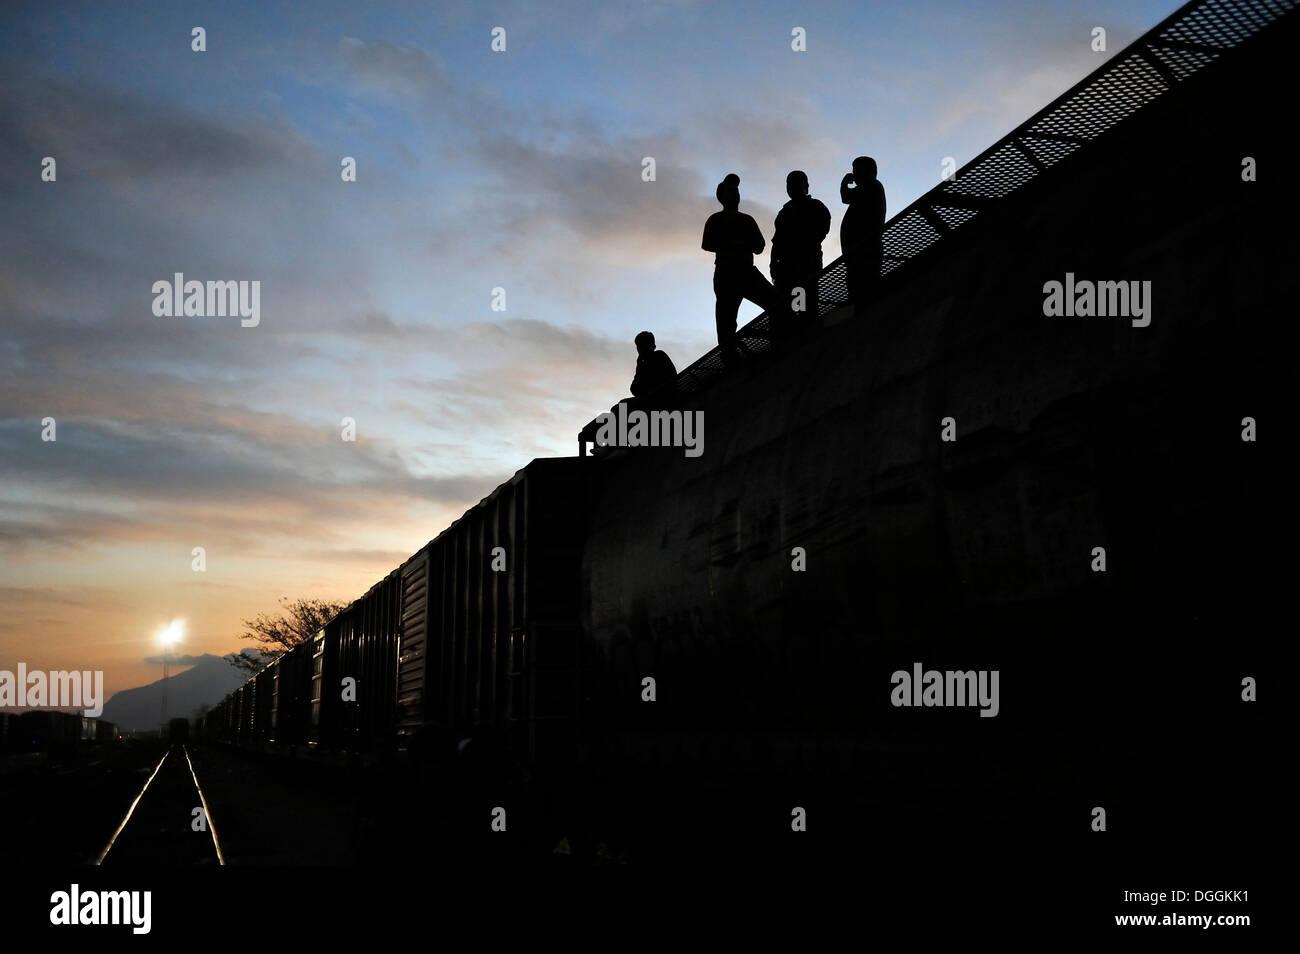 Los inmigrantes ilegales procedentes de América Latina en su camino a los Estados Unidos, intentando llegar a la Foto de stock